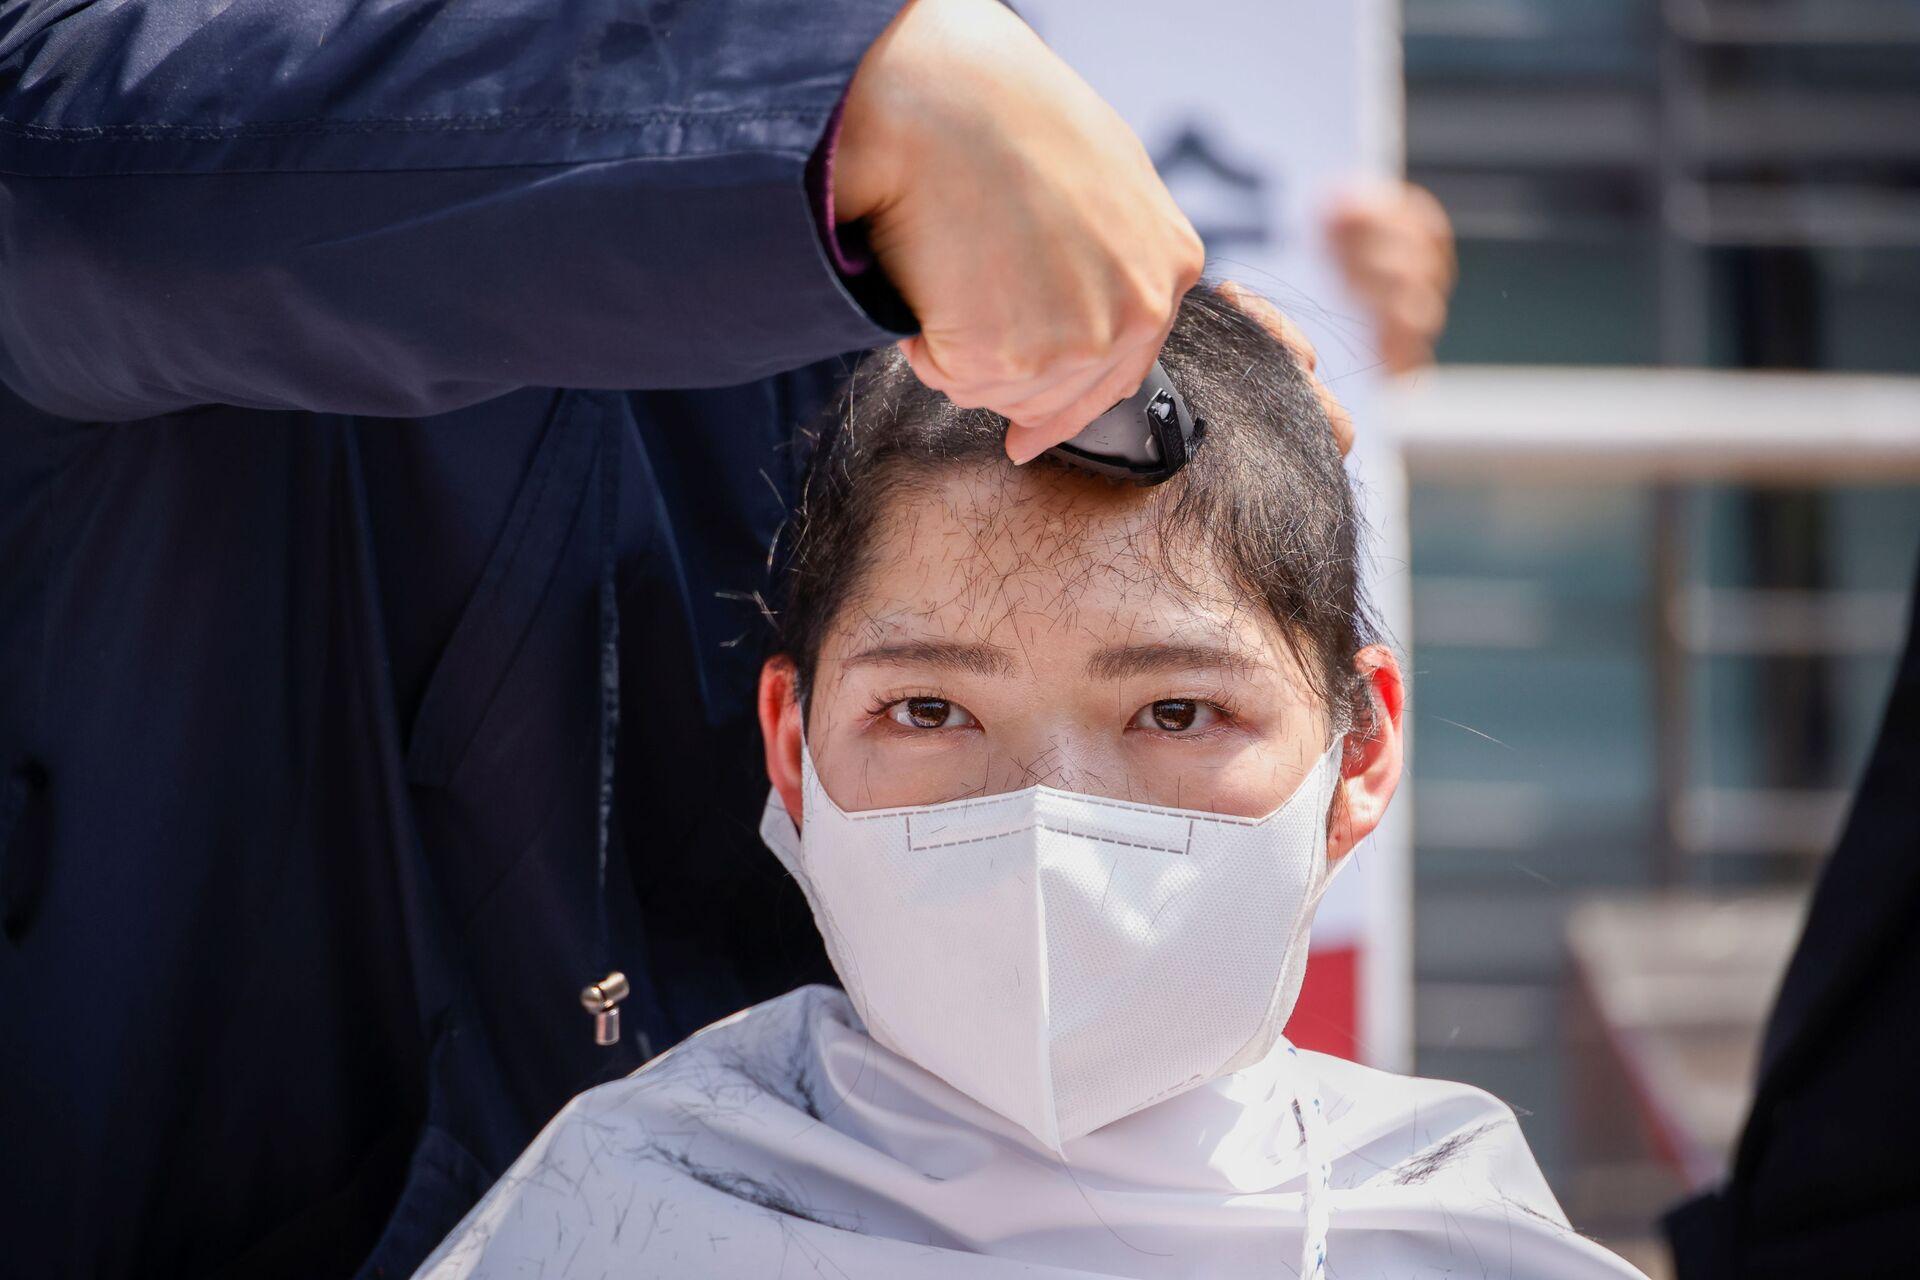 Sinh viên Hàn Quốc cạo trọc đầu trước phái bộ ngoại giao Nhật Bản ở Seoul - Sputnik Việt Nam, 1920, 20.04.2021